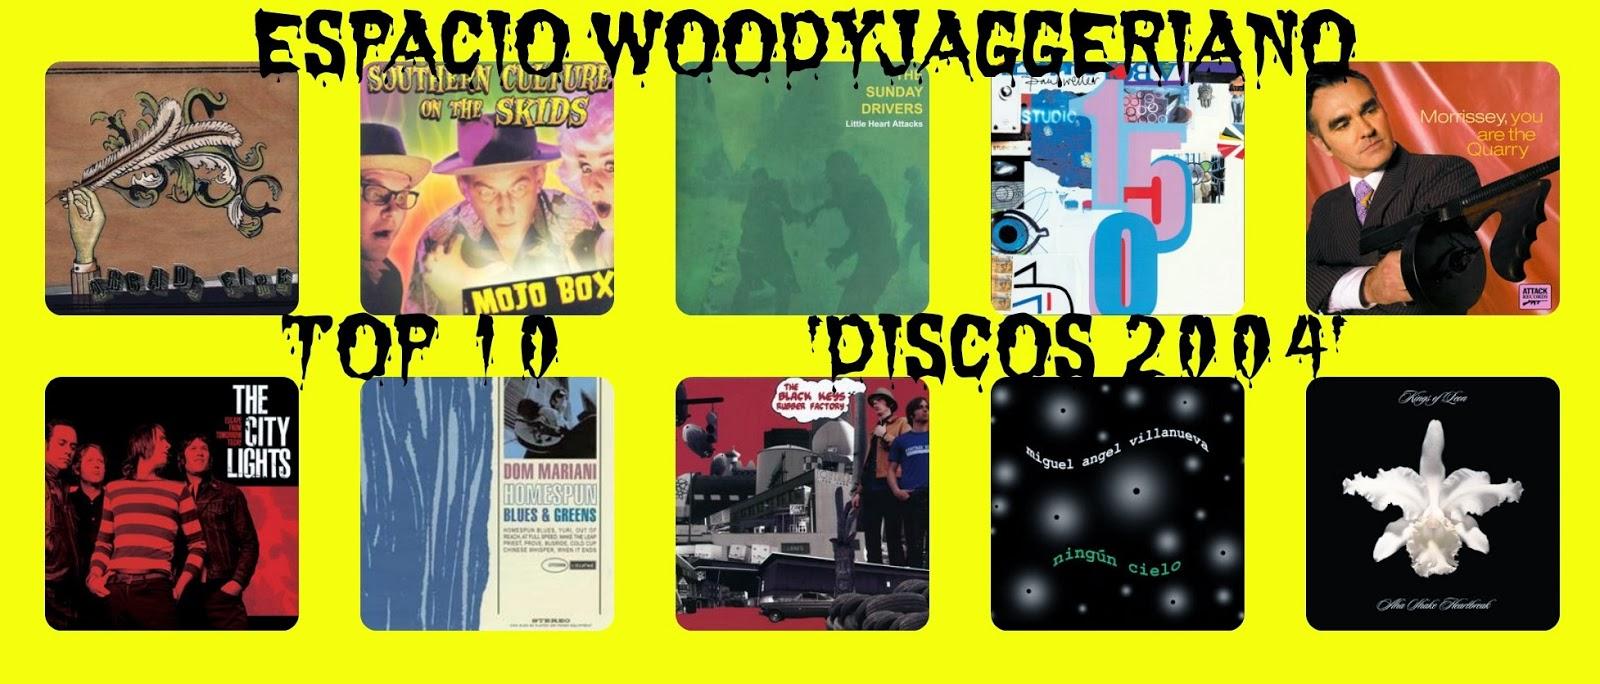 Los mejores discos del 2004